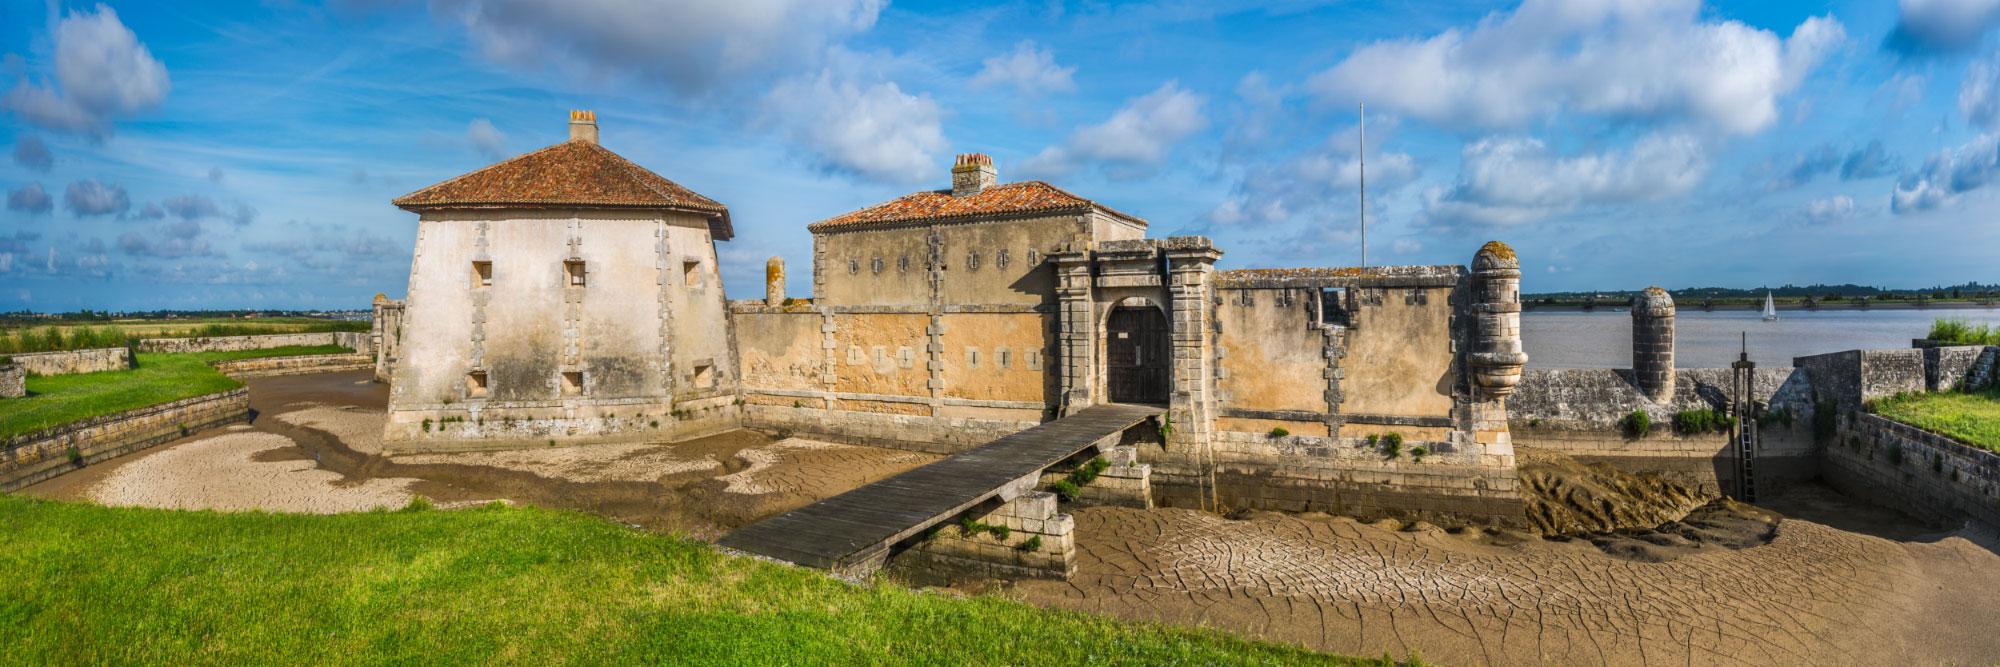 Fort Lupin (défendant l'accès à Rochefort), estuaire de la Charente